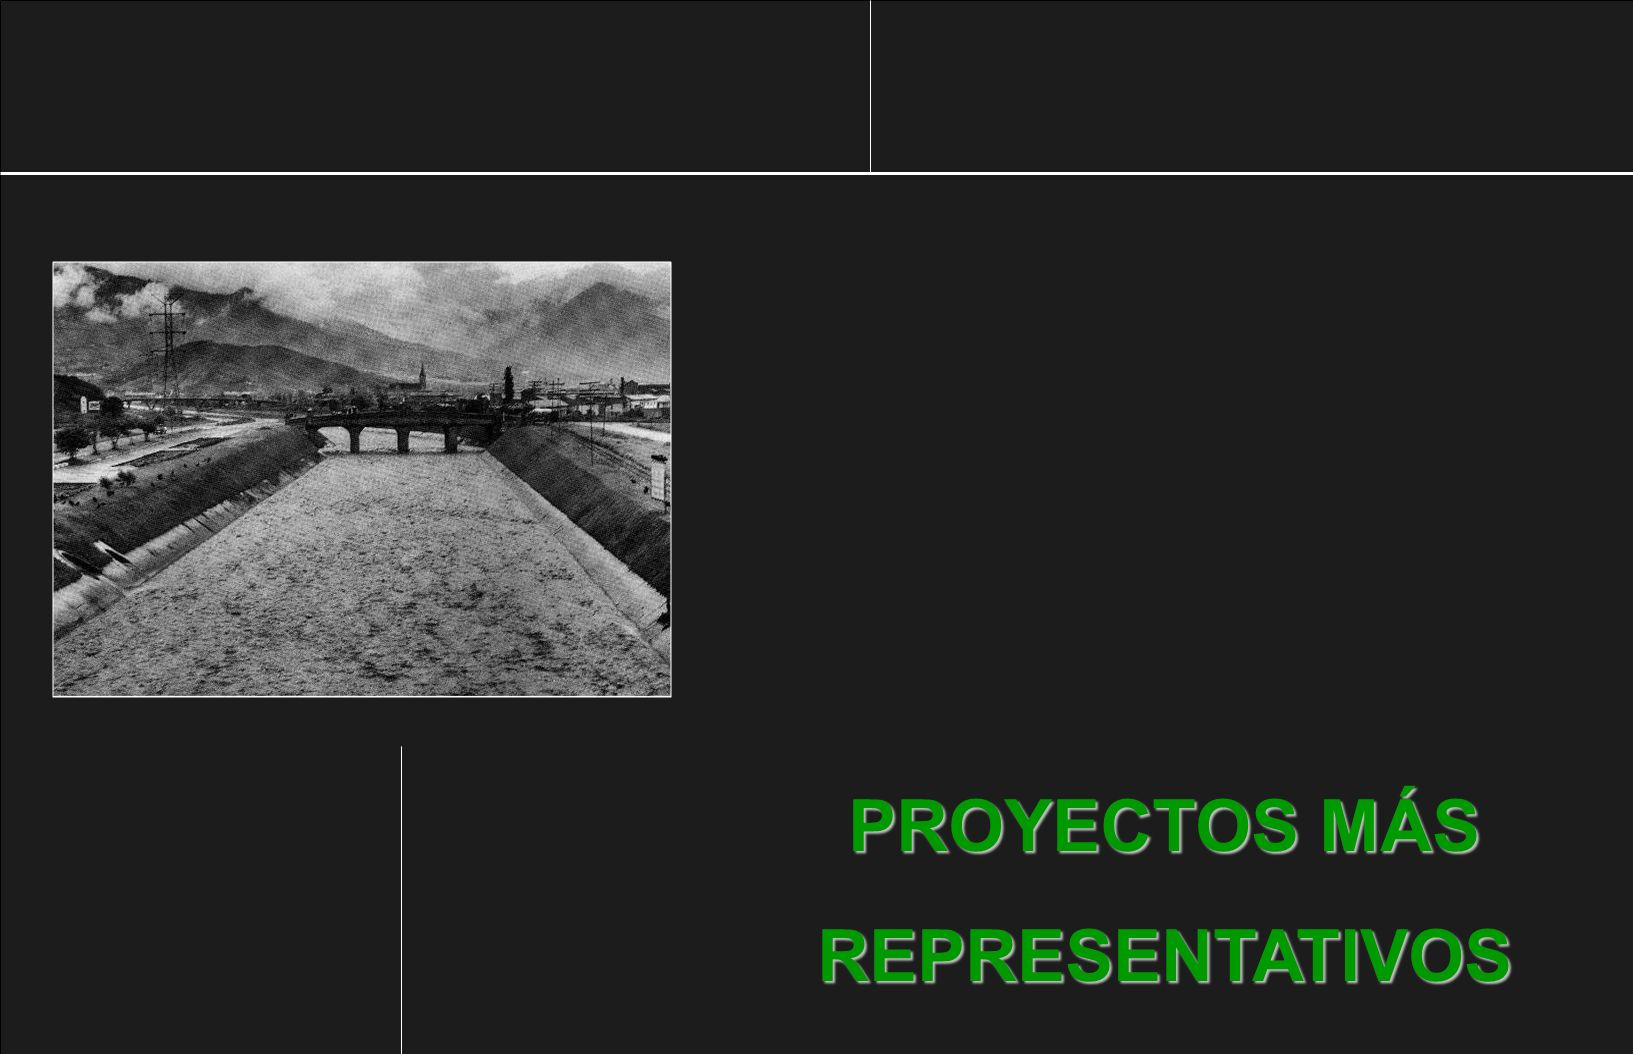 PROYECTOS MÁS REPRESENTATIVOS